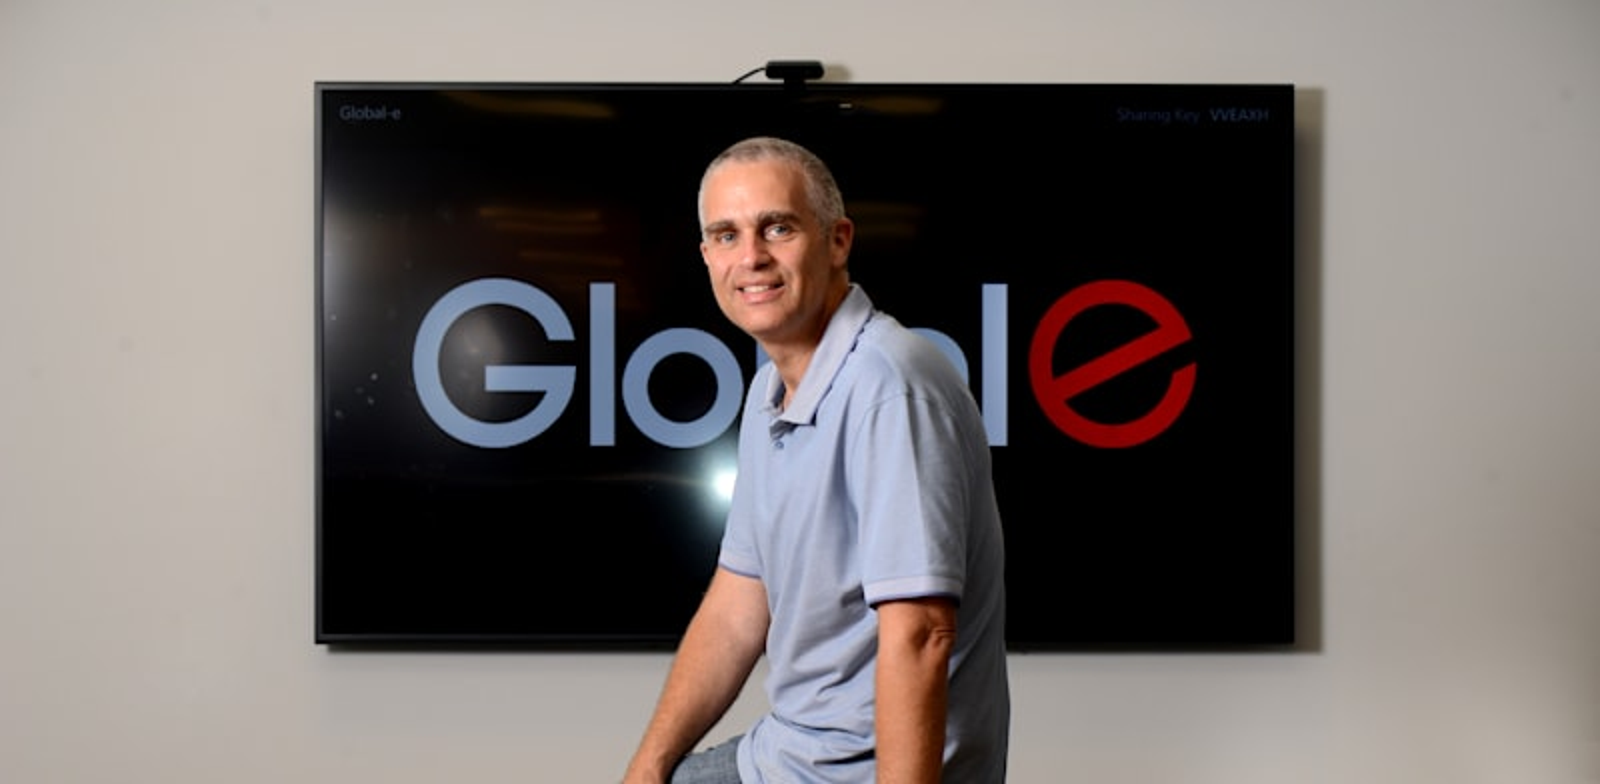 """אמיר שלכט, מנכ""""ל חברת Global-e / צילום: איל יצהר"""